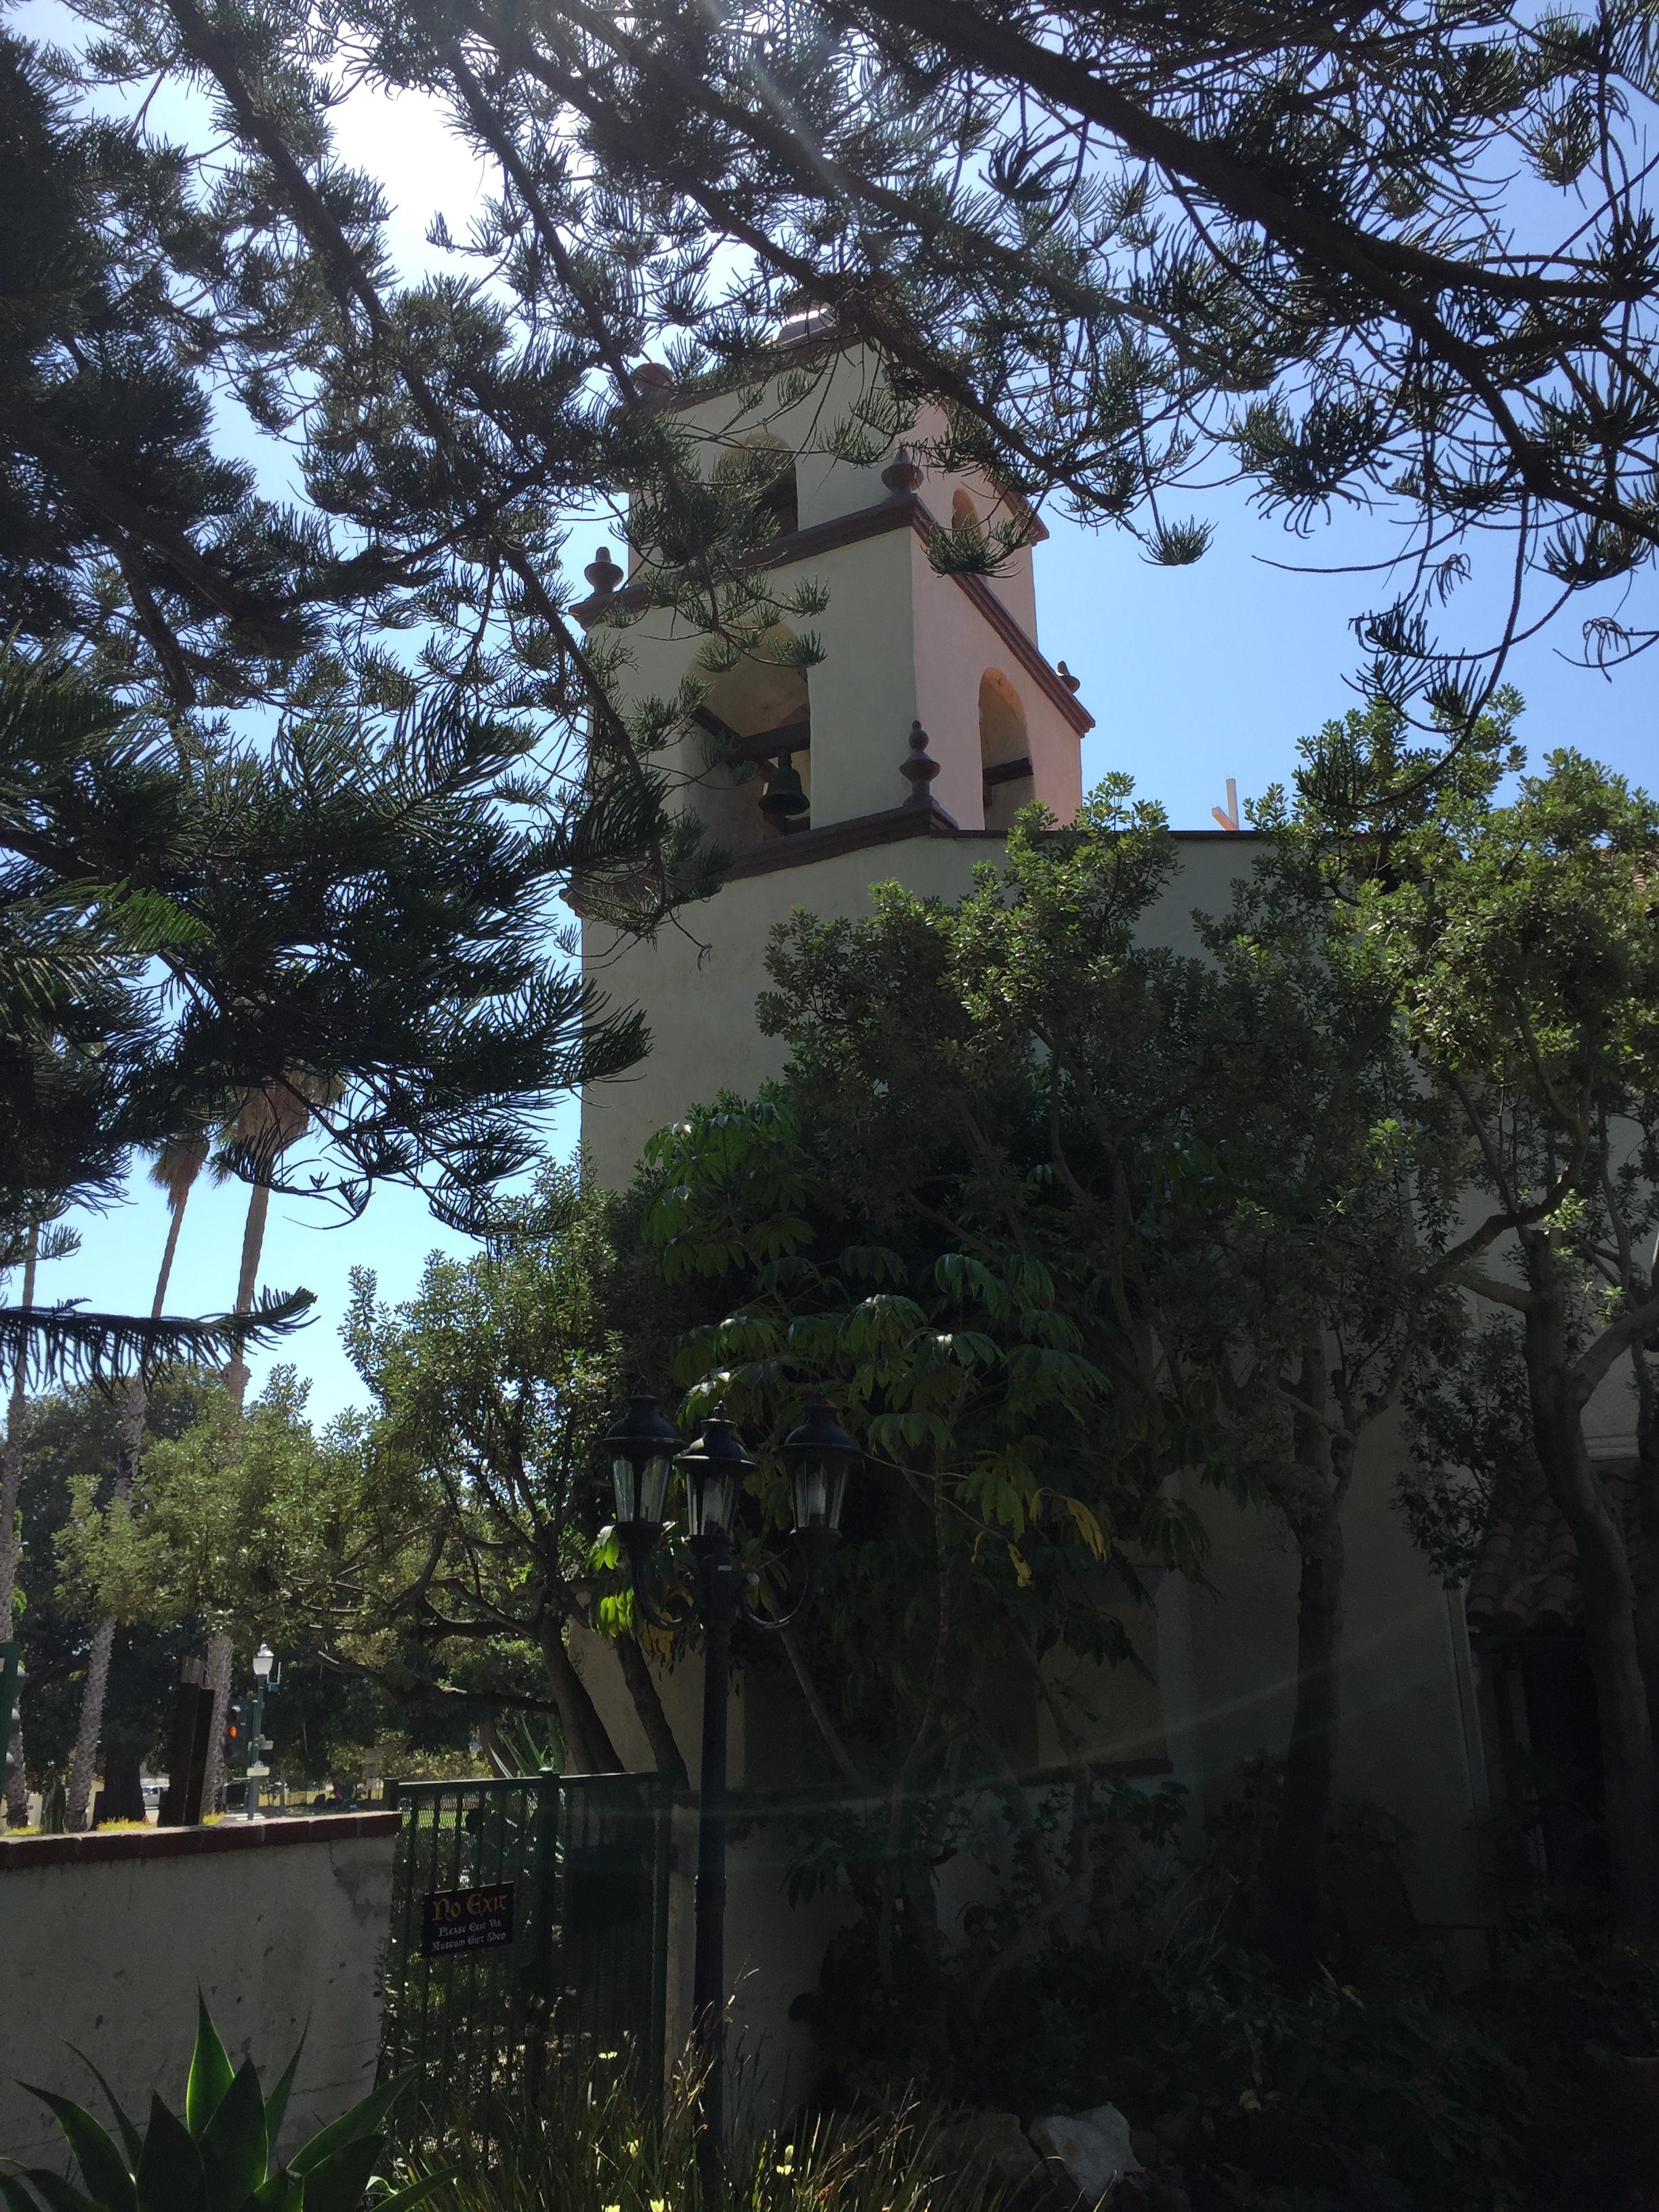 ventura Mission tower - ventura santa Barbara san Fernando Missions